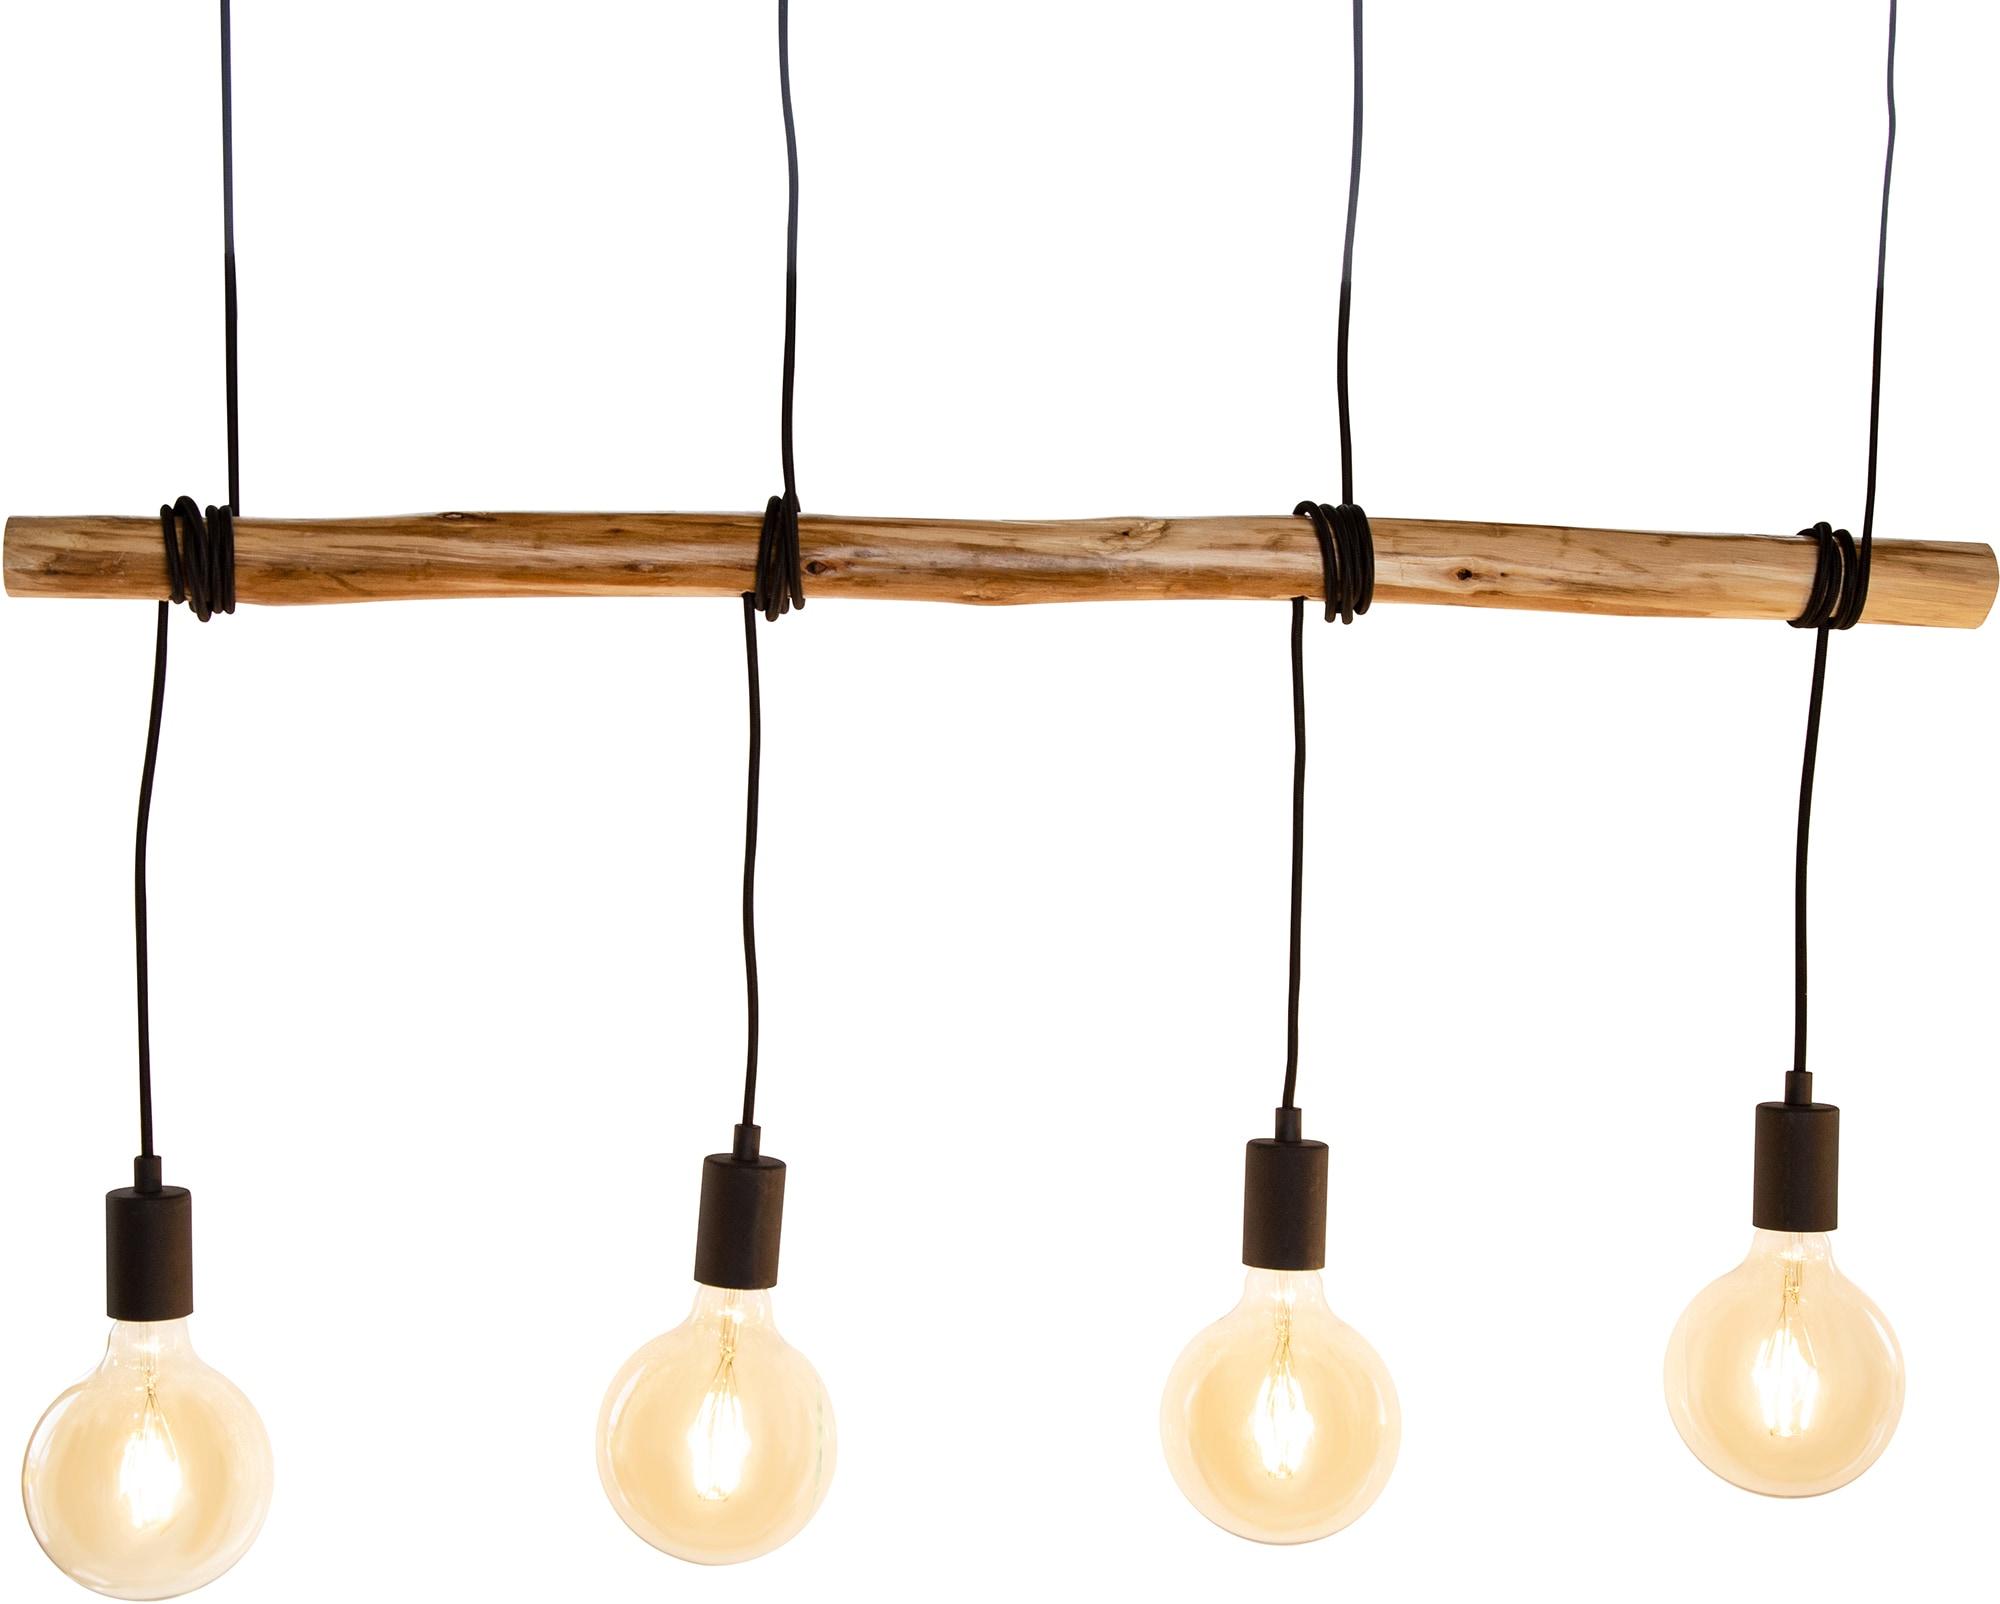 Nino Leuchten Pendelleuchte Teris, E27, 1 St., Hängeleuchte, Hängelampe